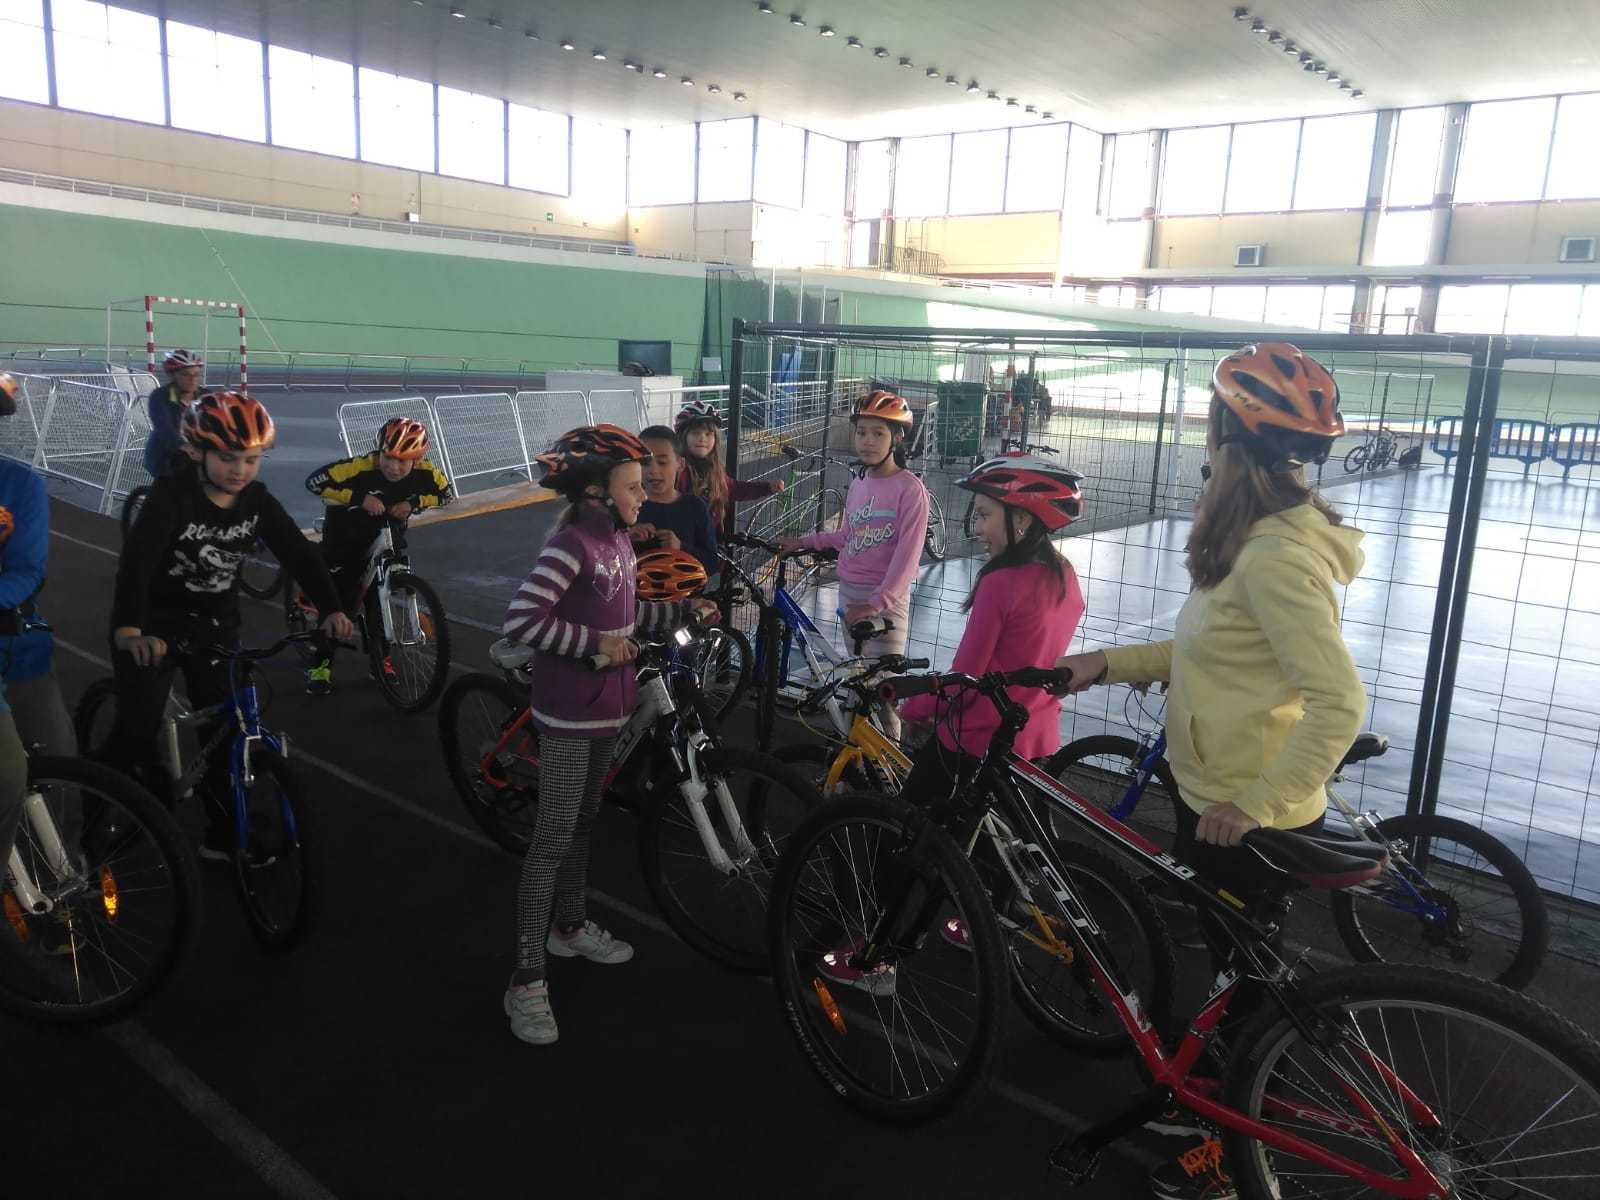 Practicando deportes olímpicos 7